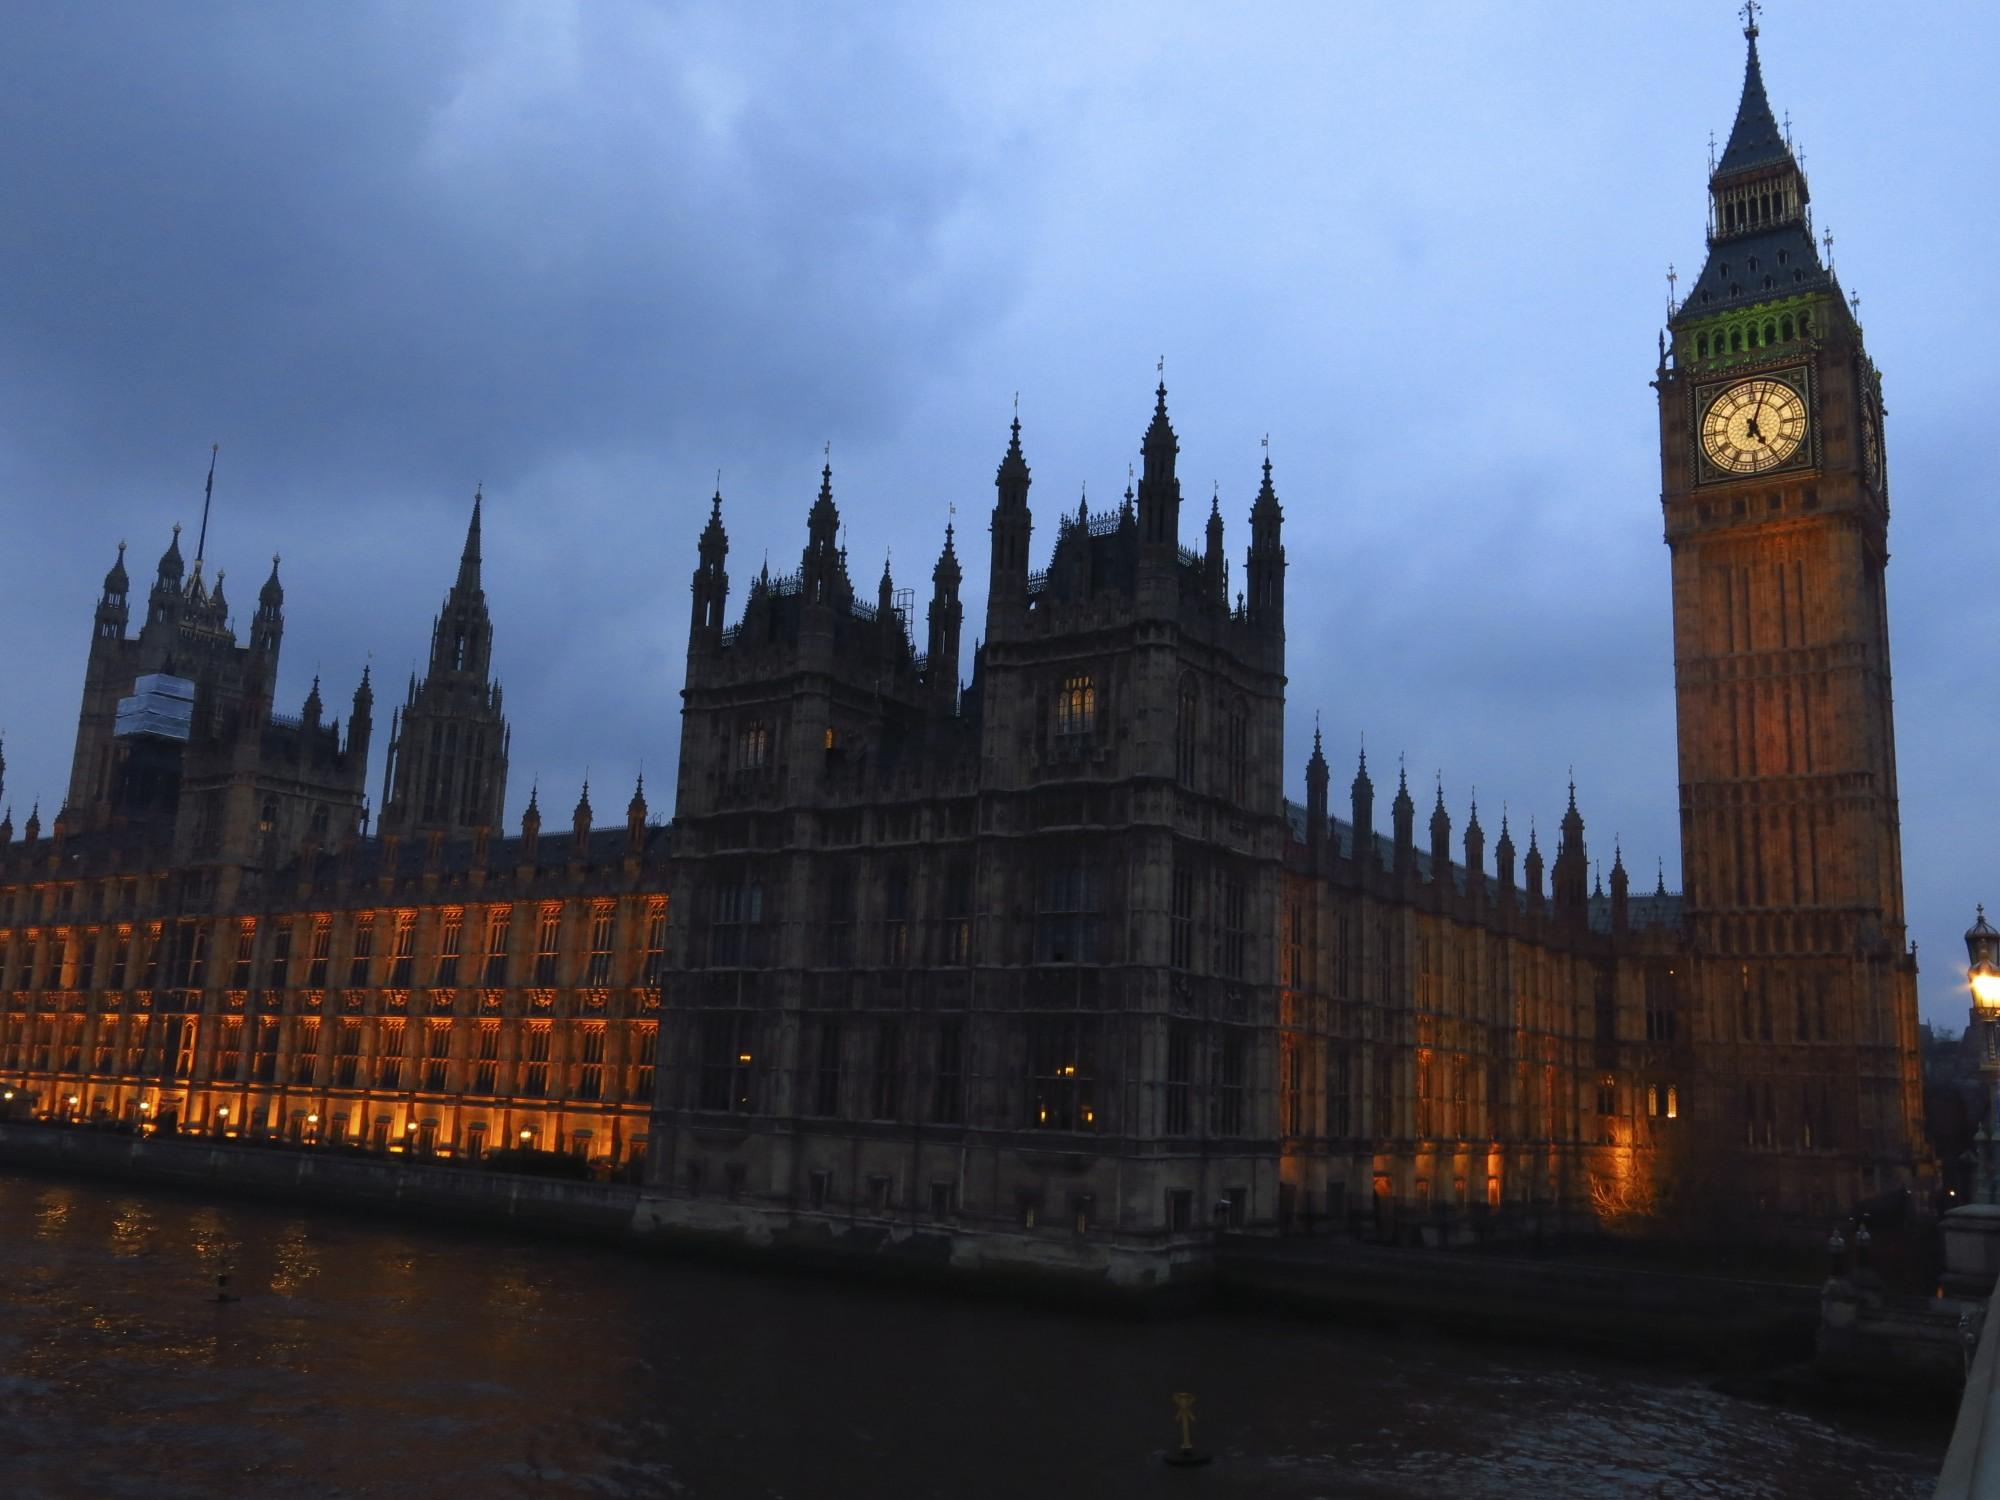 Parliament + Big Ben